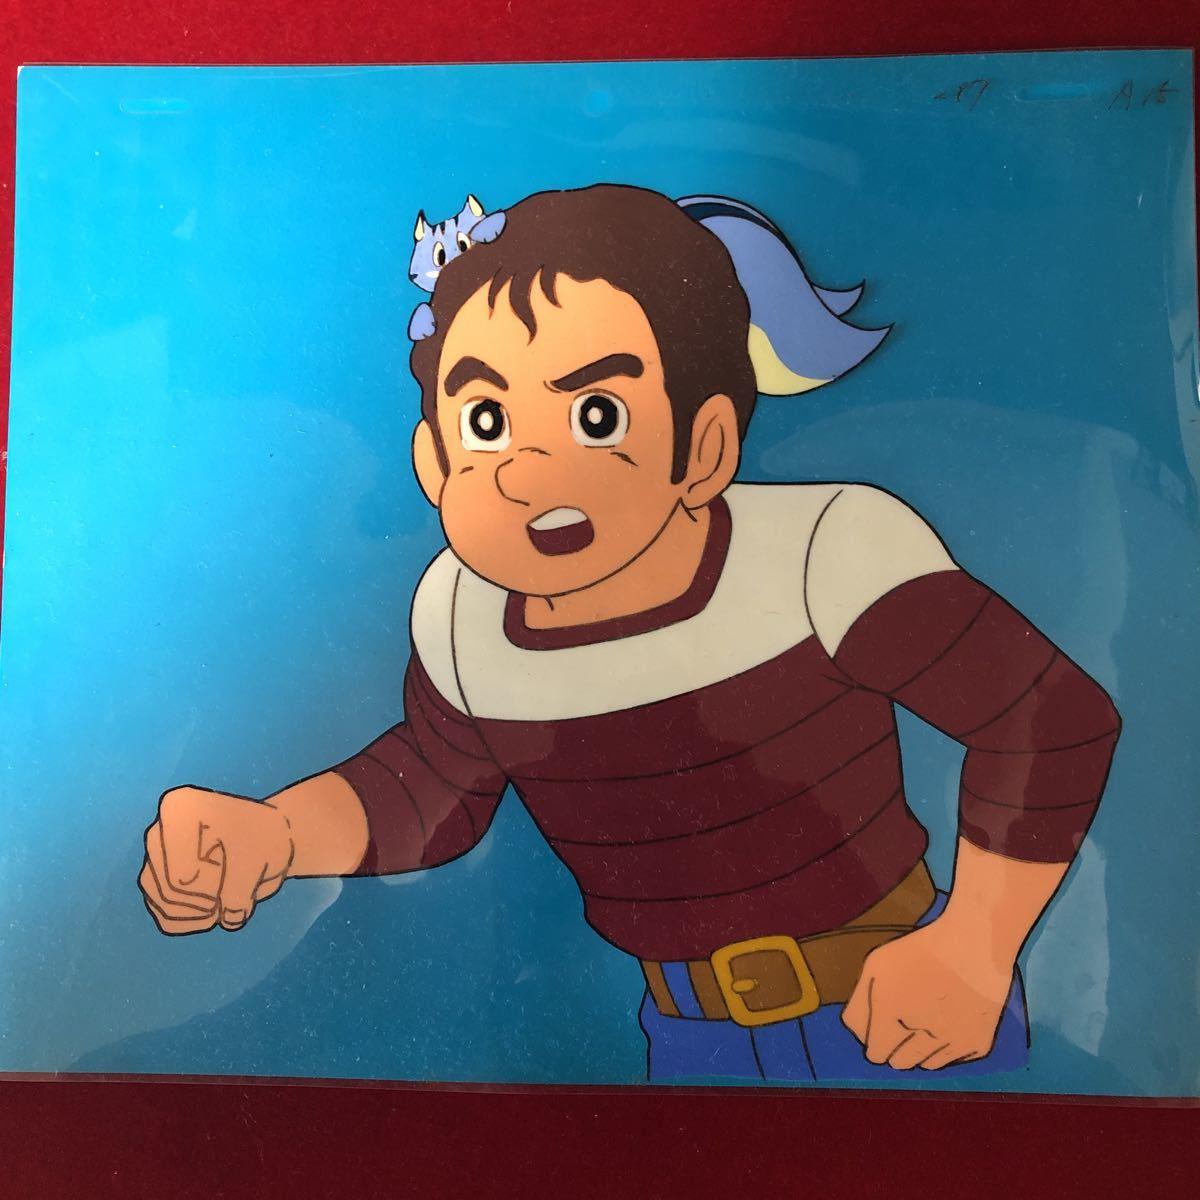 【セル画 】伝説巨神イデオン アフター・デク_画像1